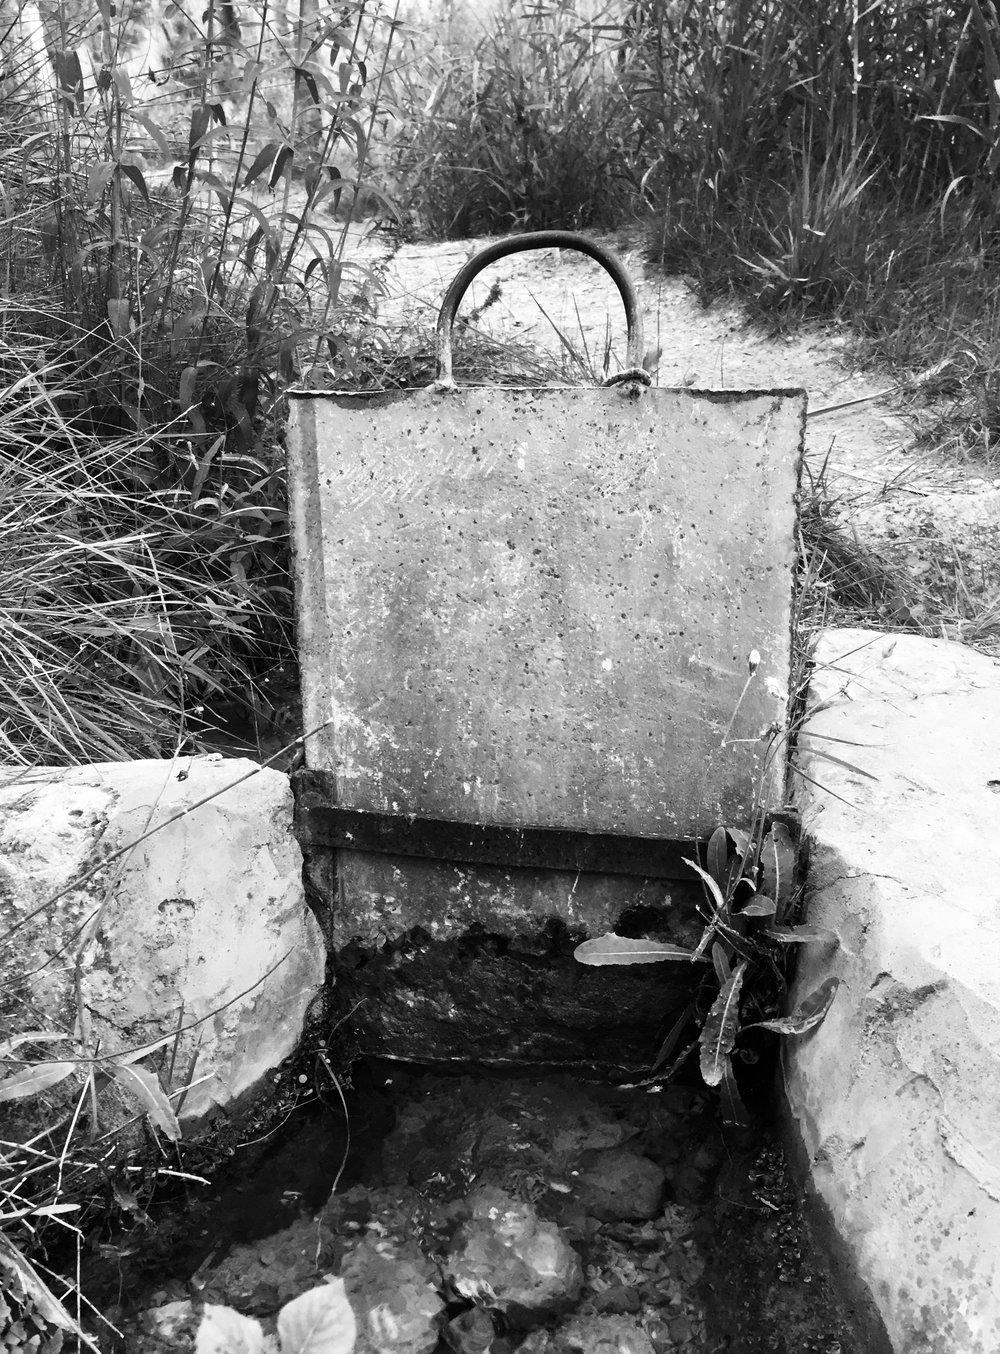 Sluice-gate, River Chelva